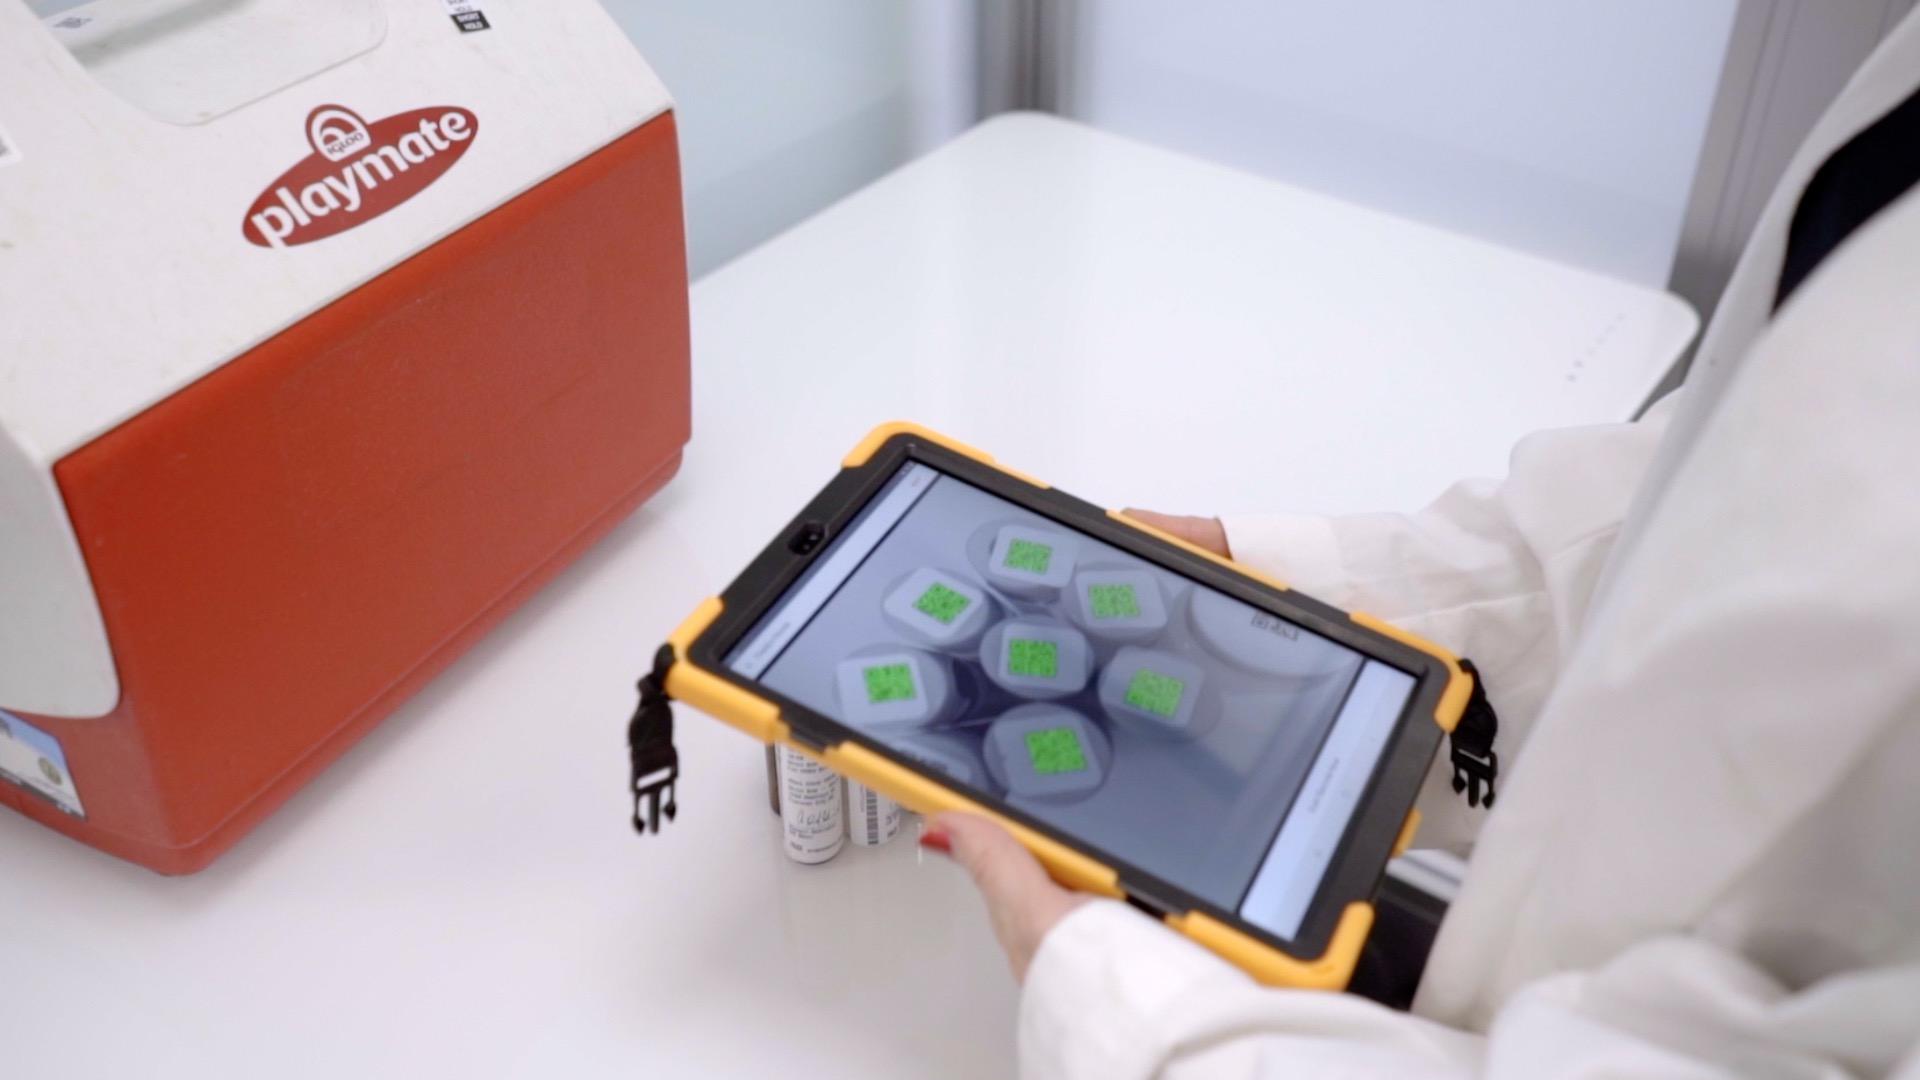 SampleServe Lab App Logging in Laboratory Sample Bottles